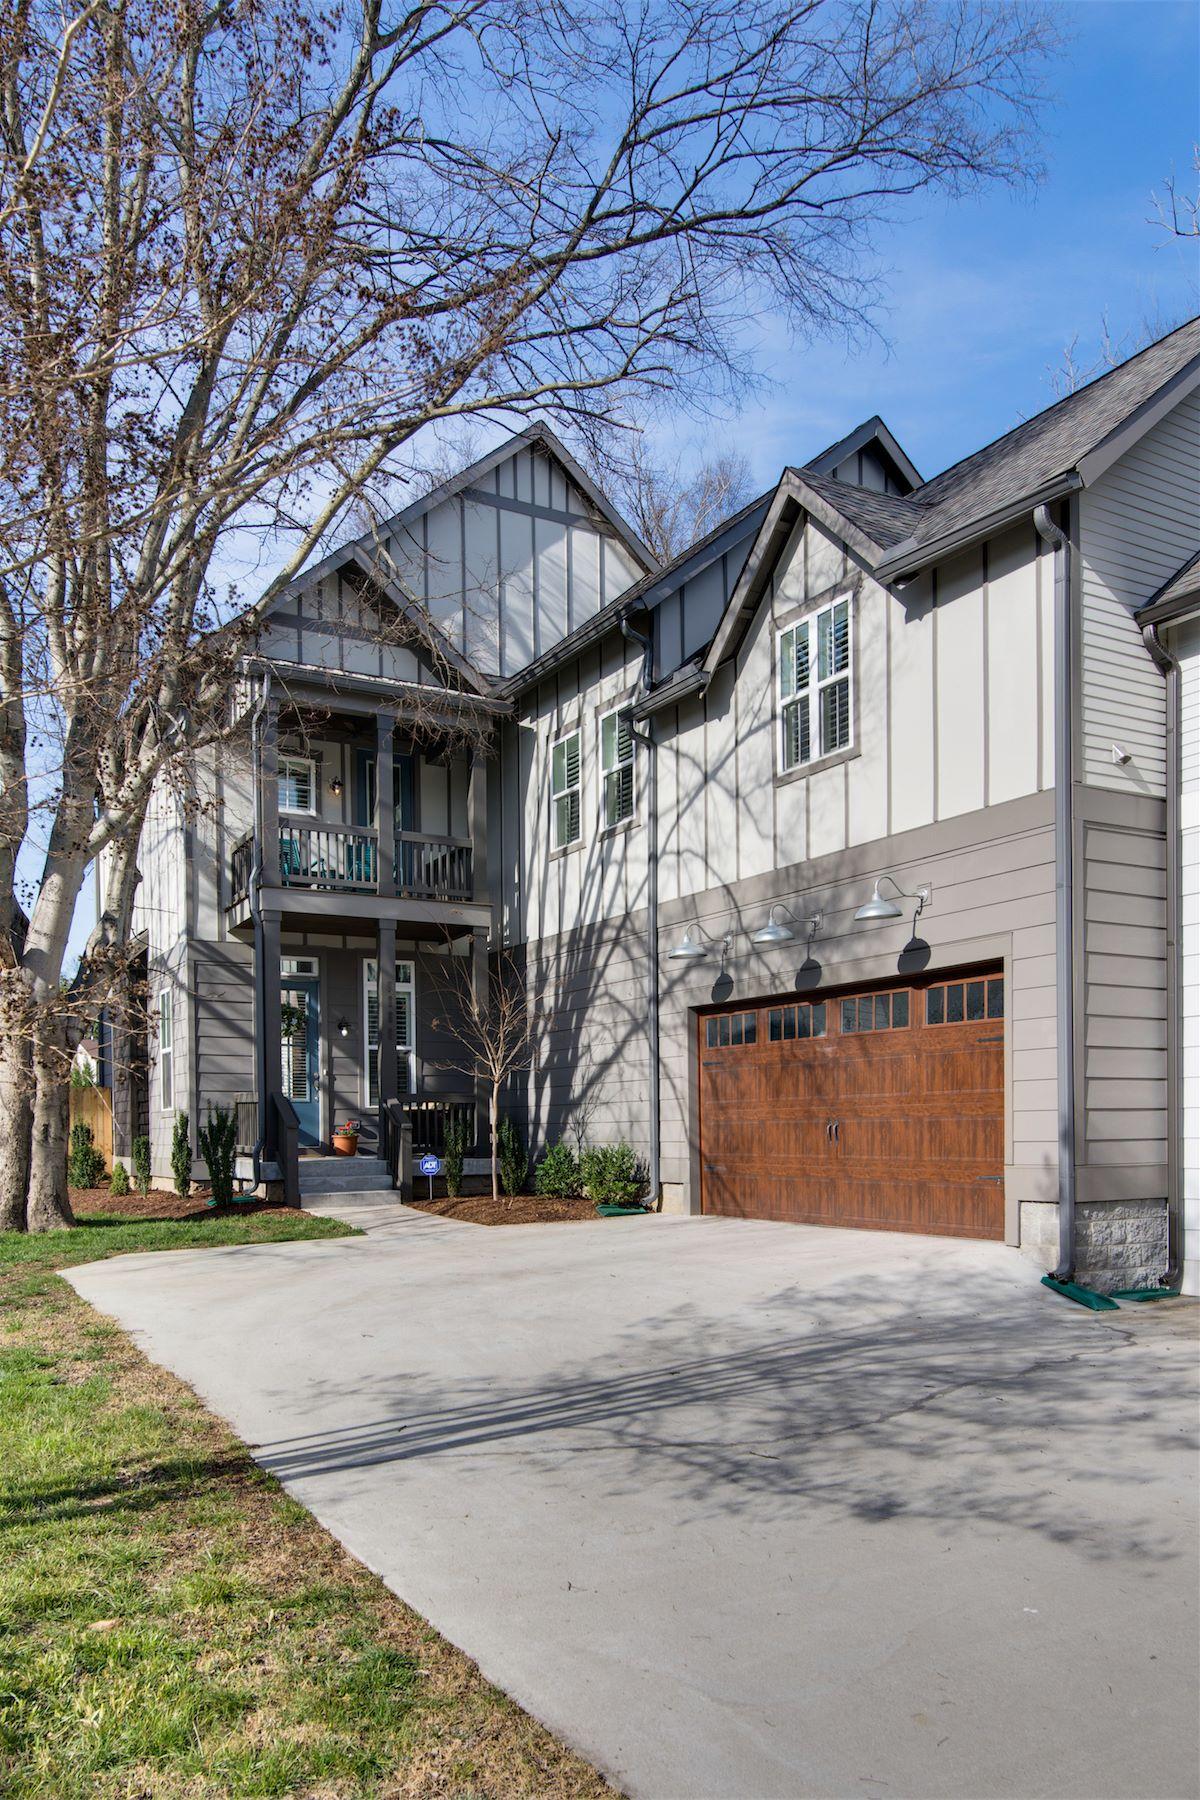 Частный односемейный дом для того Продажа на Picture Perfect 12 South Home 908B Gale Ln Nashville, Теннесси, 37204 Соединенные Штаты